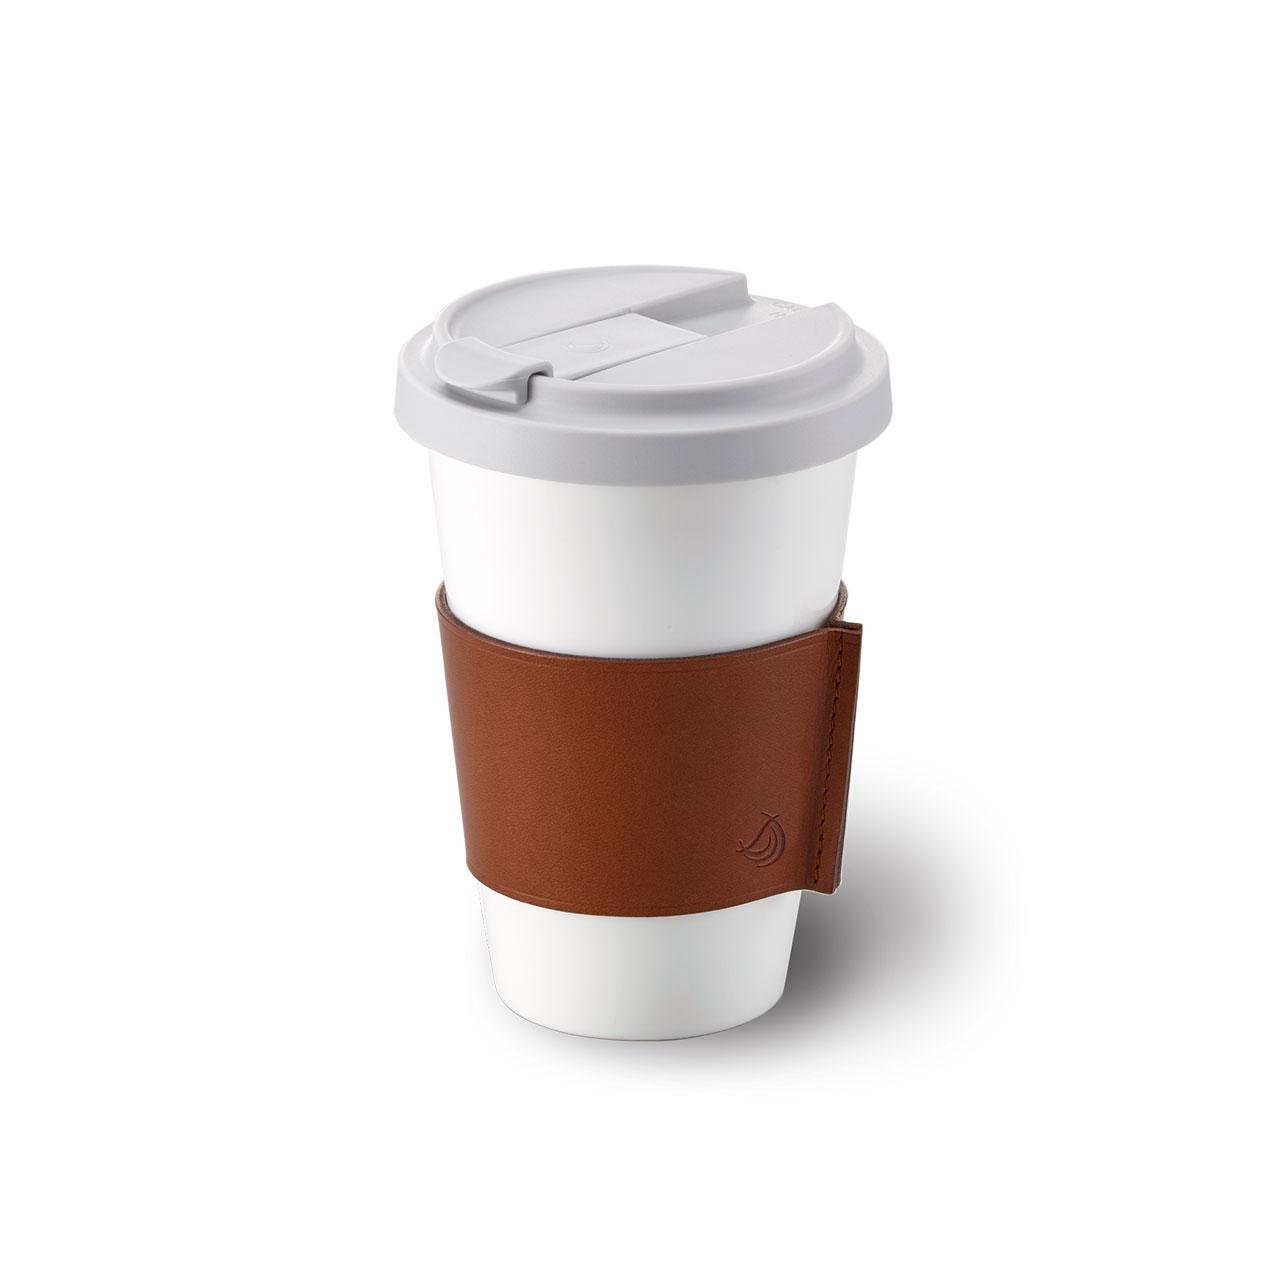 Coffee-2-Go-Becher aus Porzellan von Dibbern mit Ledermanschette bei Franzen in Düsseldorf kaufen